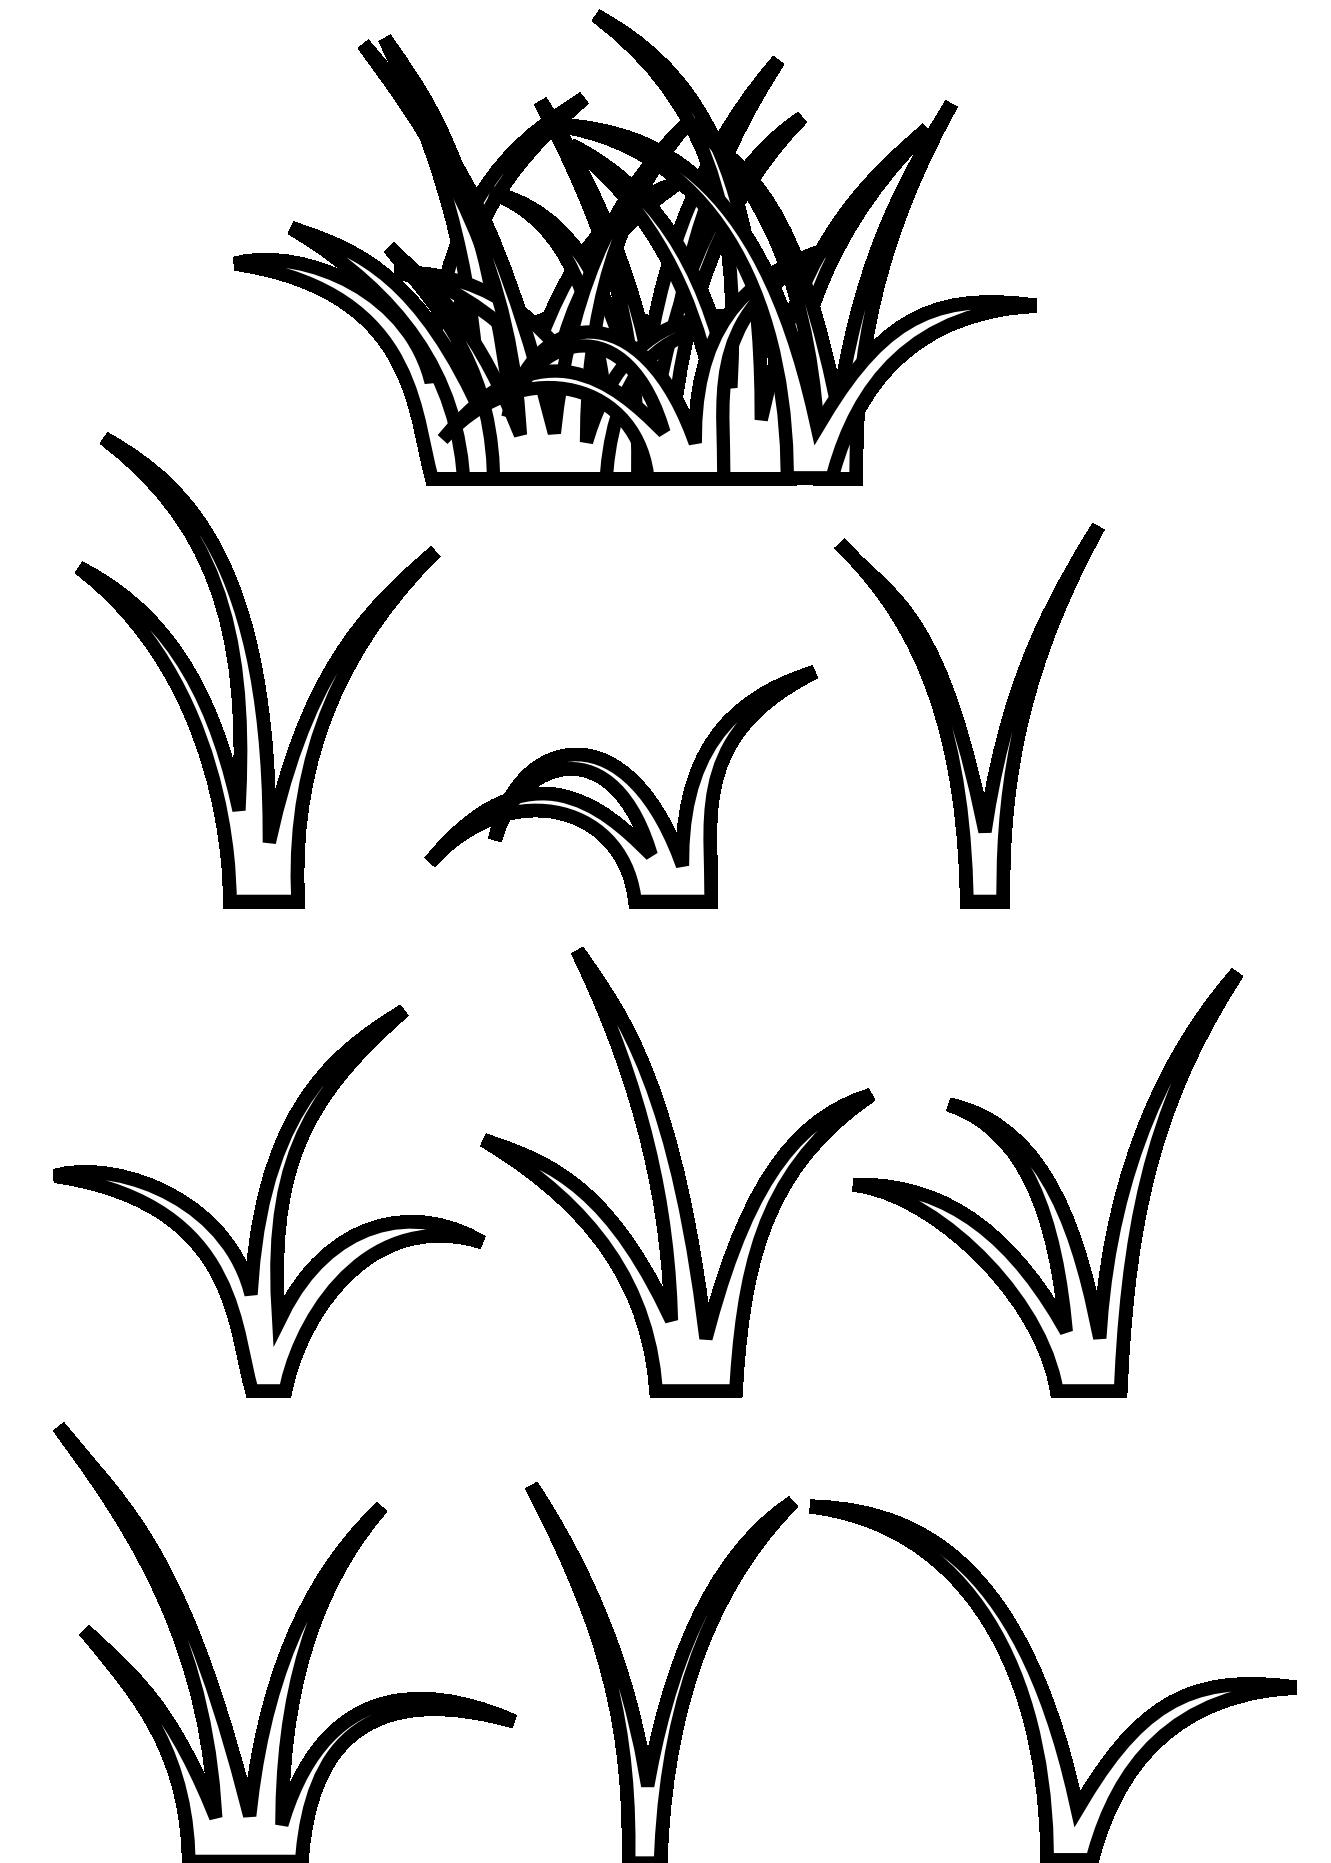 Blade clipart rumput #15